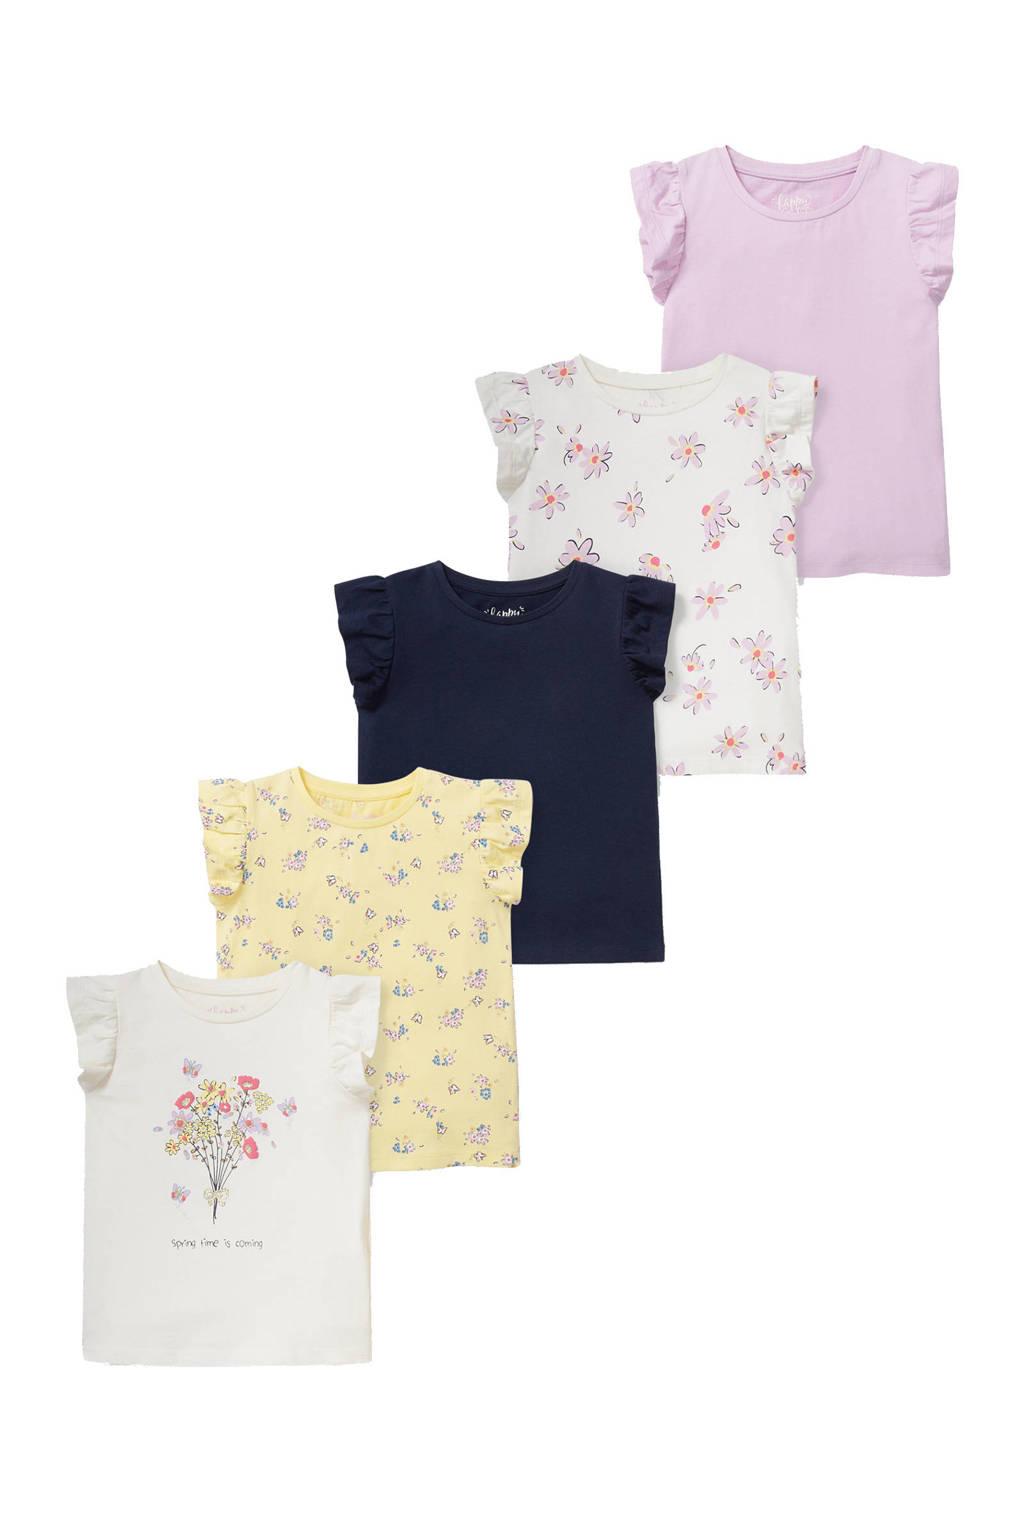 C&A Happy girls Club T-shirt - set van 5 roze/blauw/geel/ecru, ecru/roze/blauw/geel